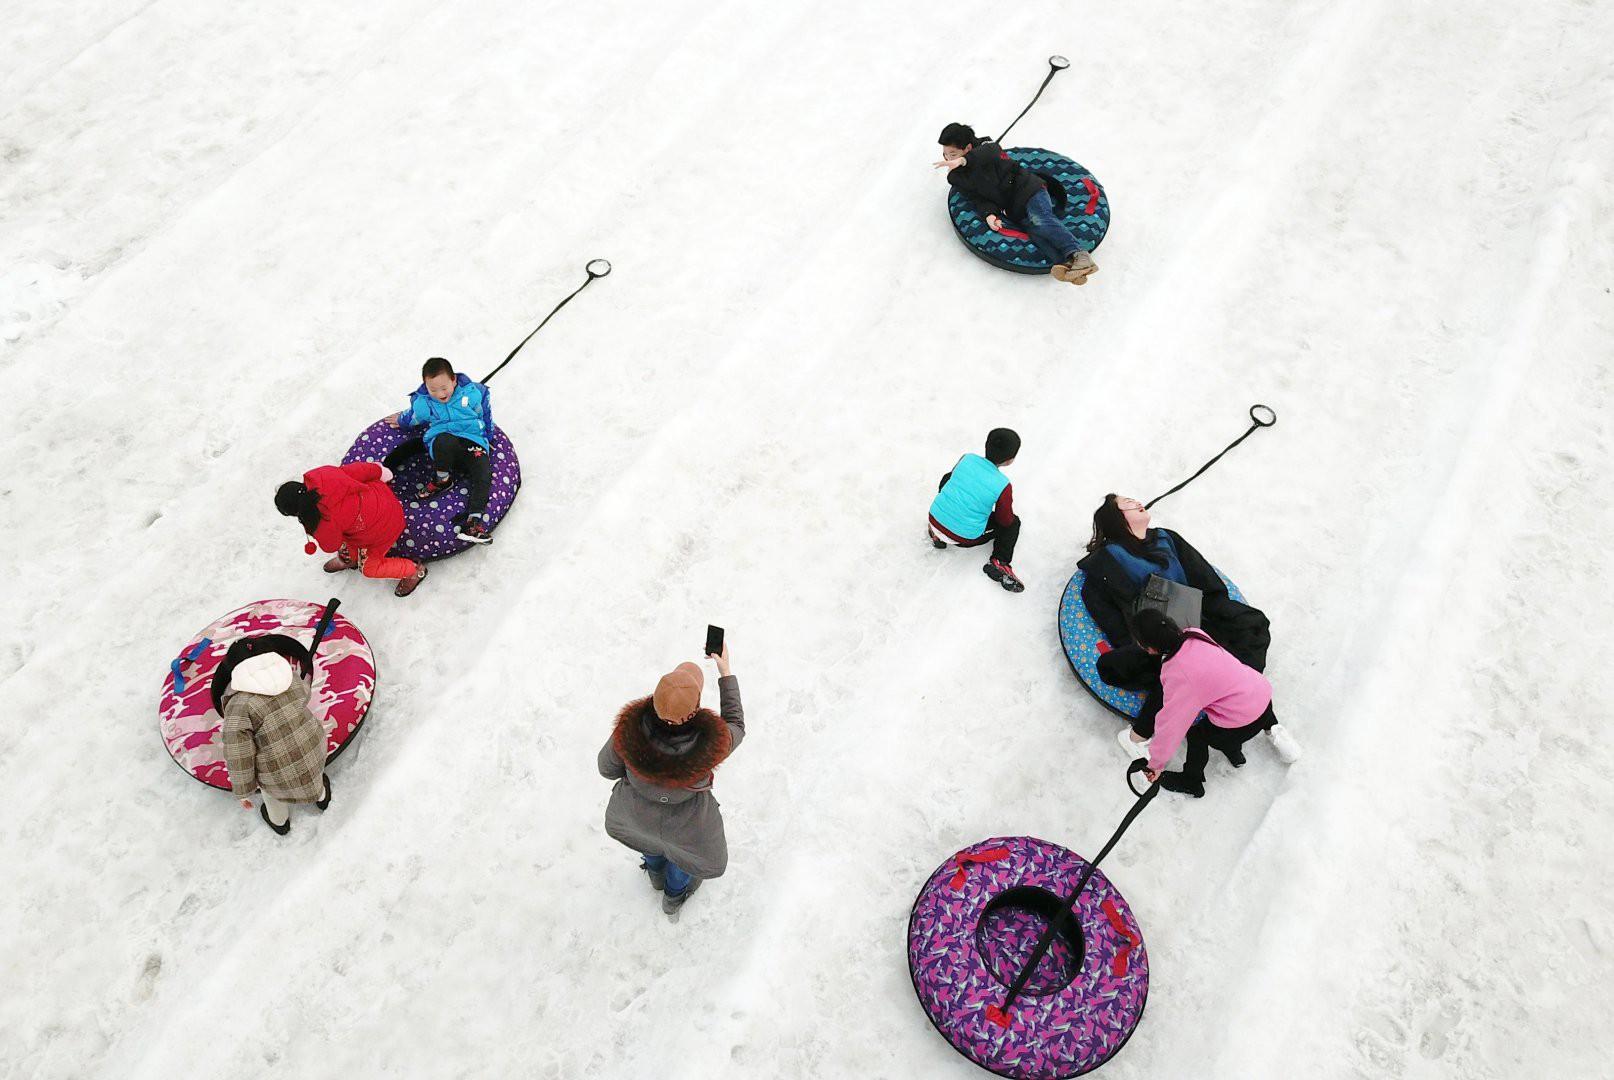 Vẻ đẹp trong trẻo của tuyết mùa xuân ở Trung Quốc khiến nhiều tín đồ du lịch cuồng chân dù đã hết Tết - Ảnh 5.